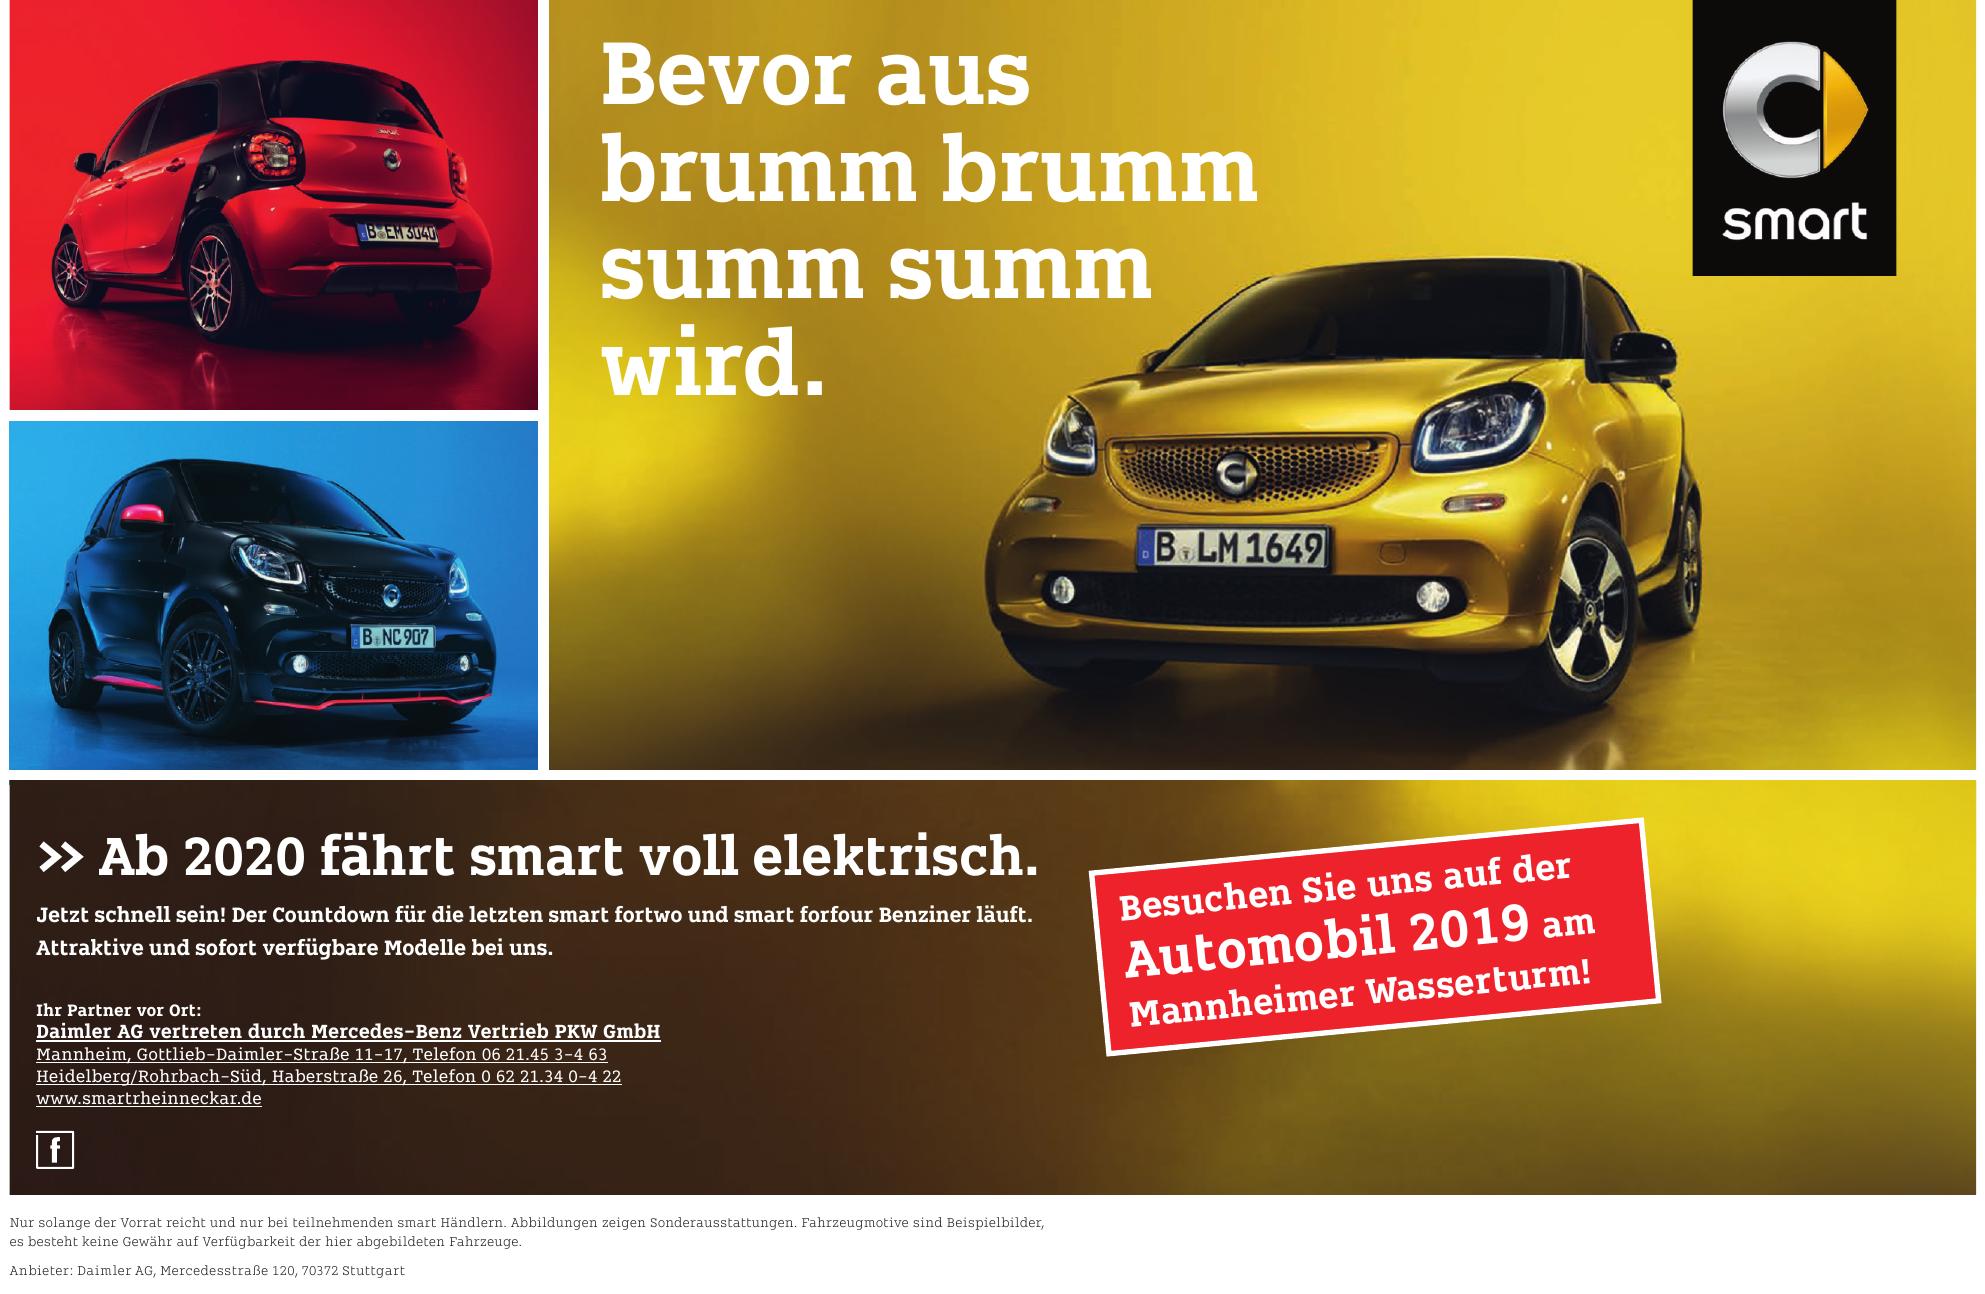 Daimler AG vertreten durch Mercedes-Benz Vertrieb PKW GmbH